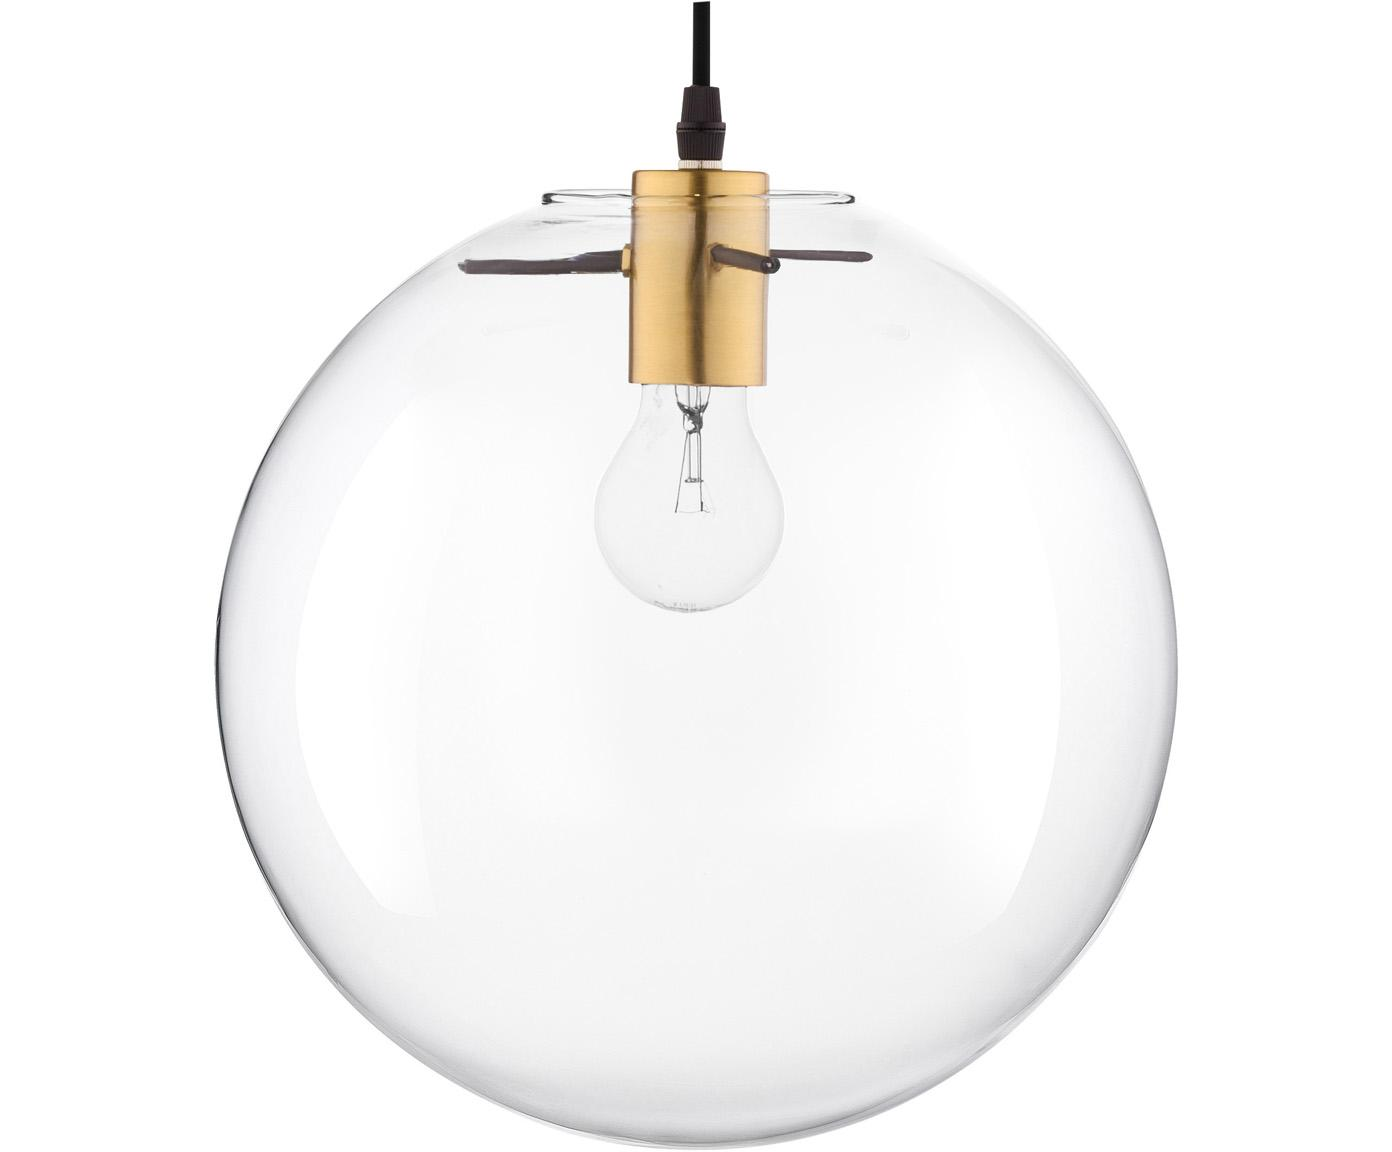 Lampada a sospensione con paralume in vetro Mirale, Paralume: vetro, Baldacchino: materiale sintetico, Ottone, trasparente, Ø 25 x Alt. 25 cm